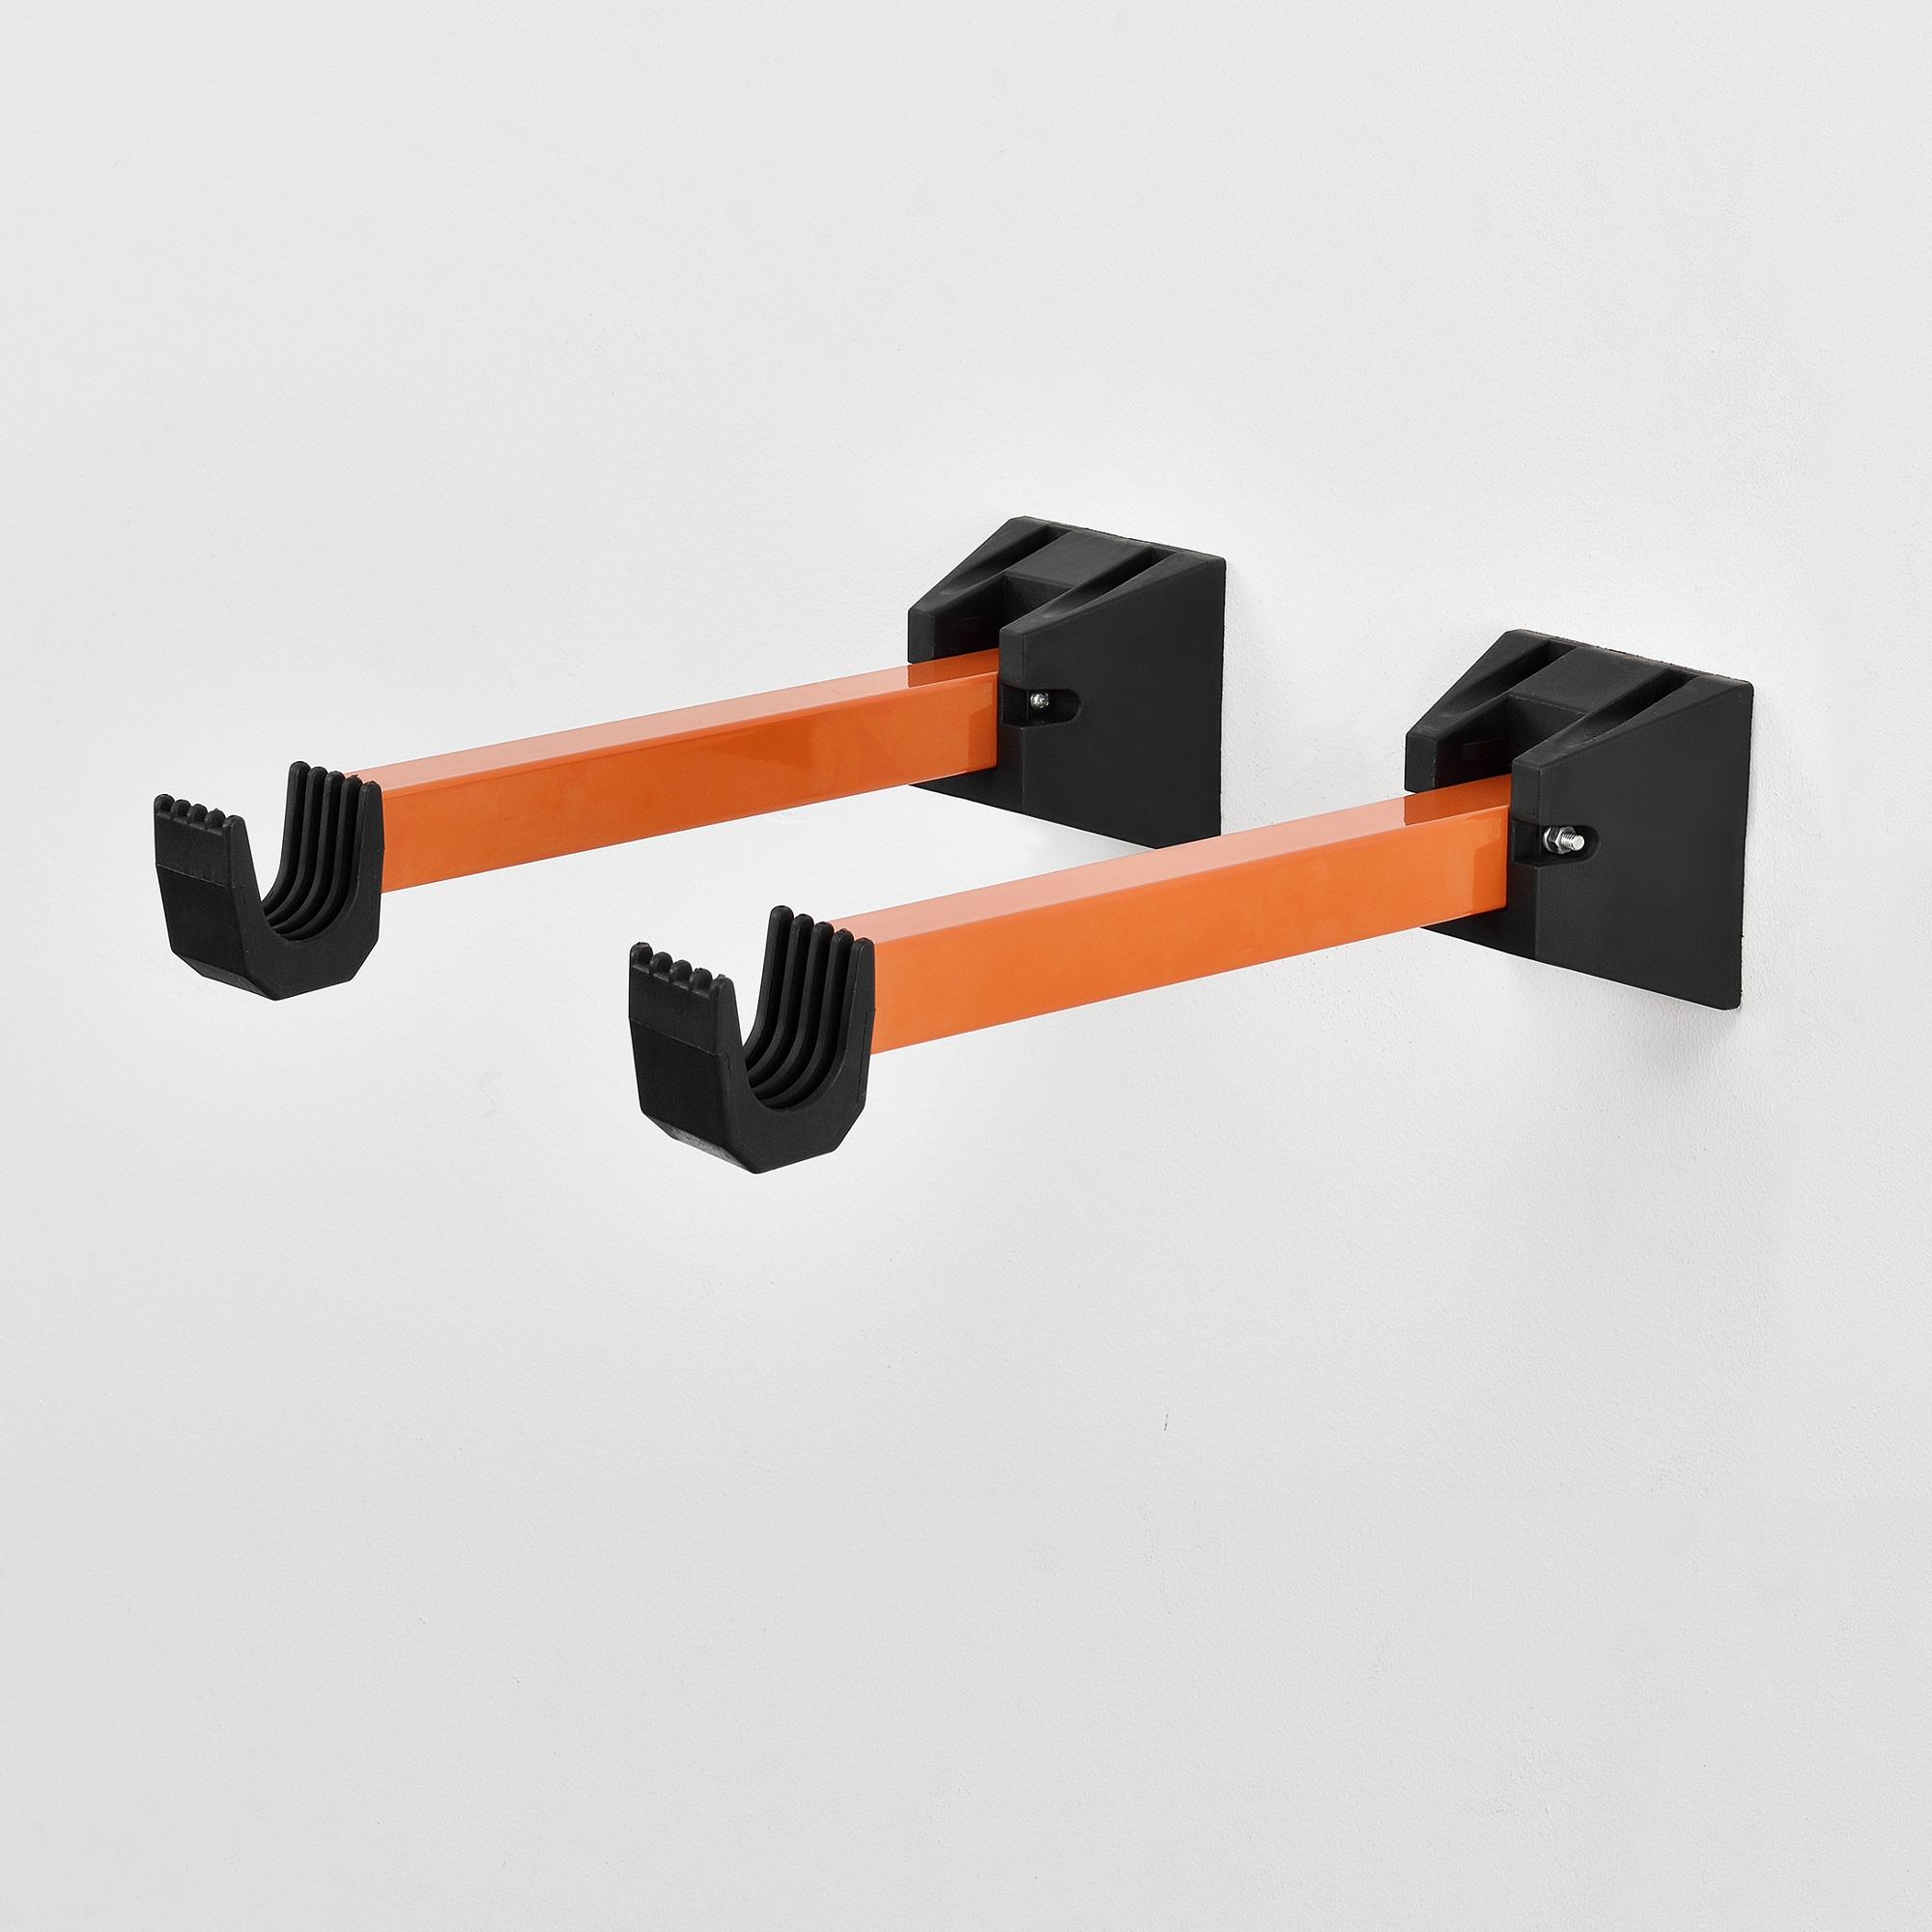 fahrrad wandhalterung wandhalter wandmontage. Black Bedroom Furniture Sets. Home Design Ideas